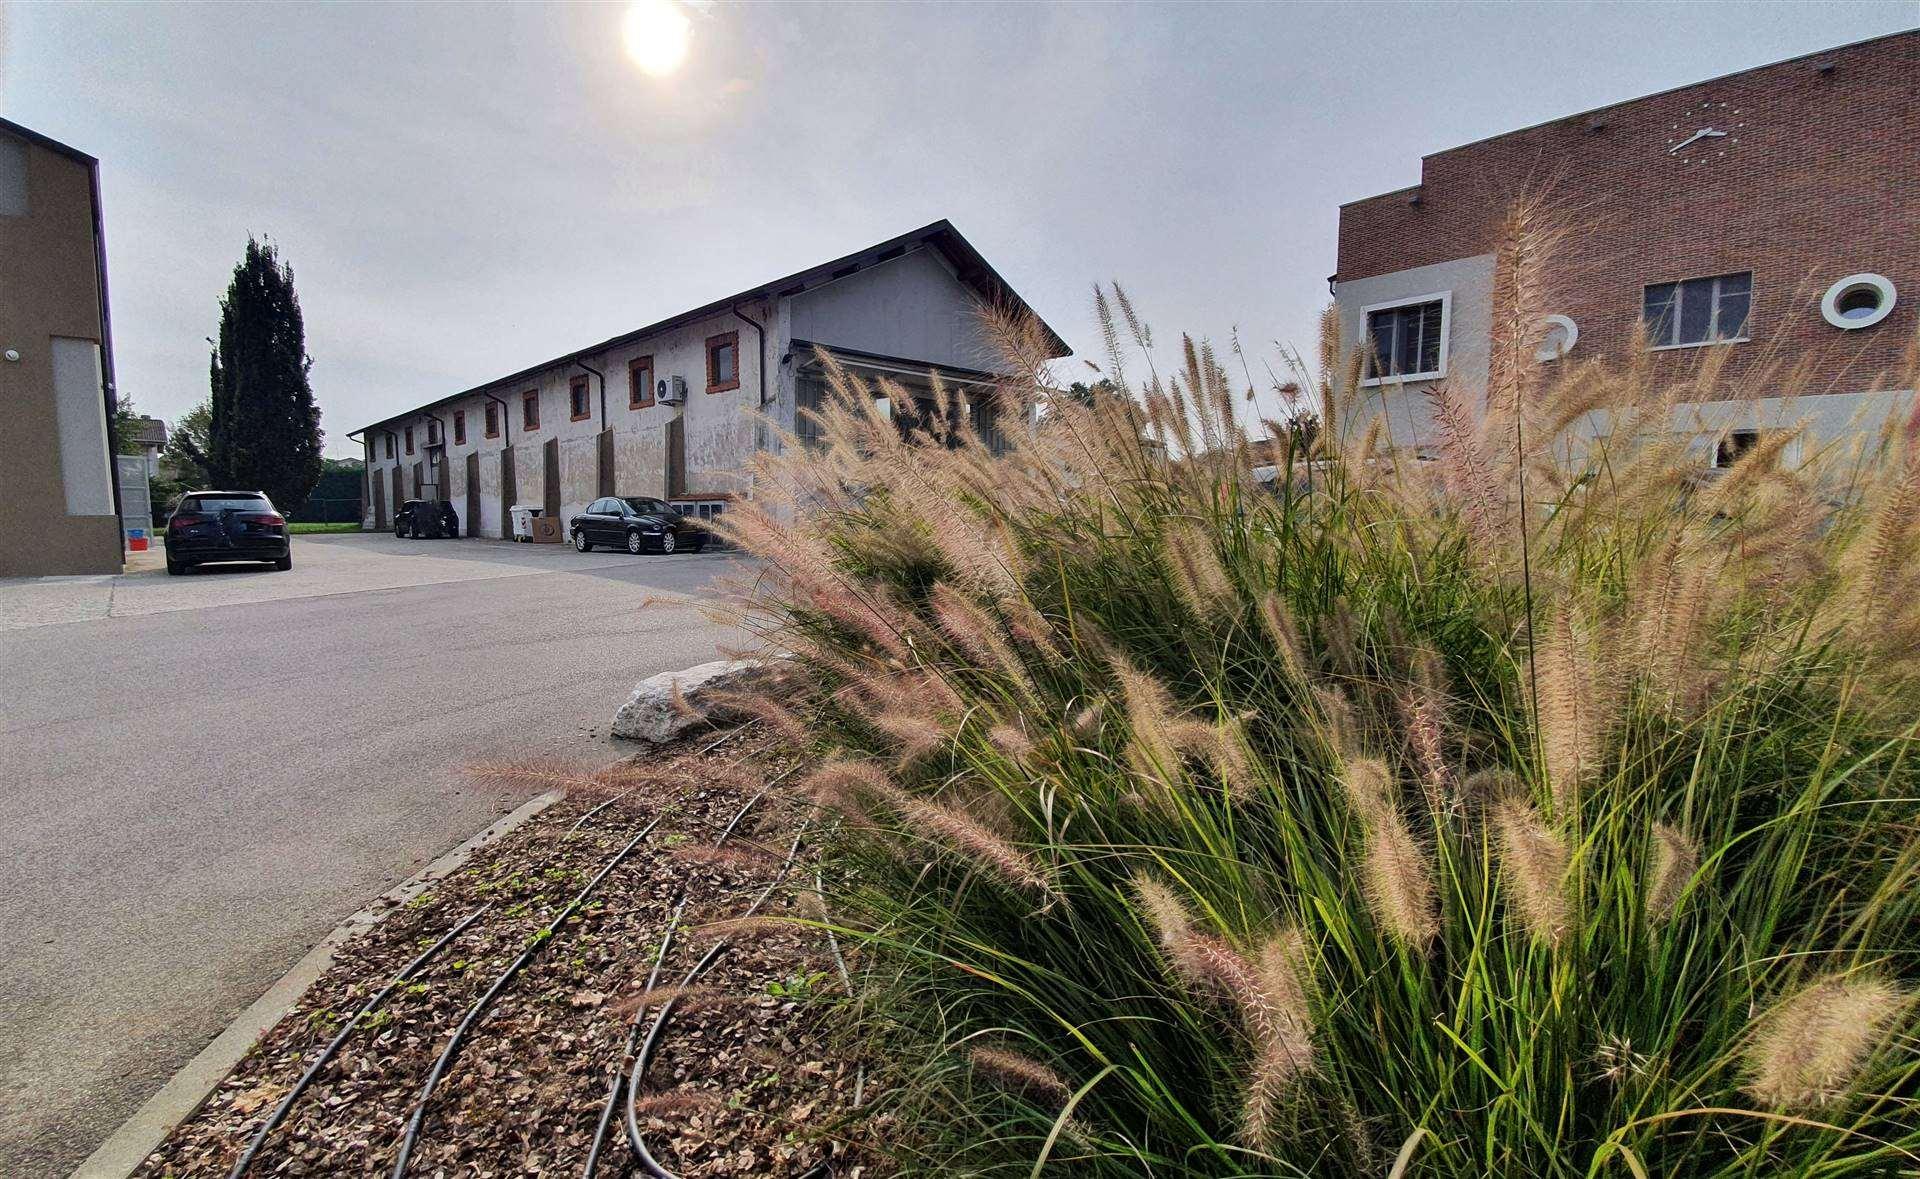 Immobile Commerciale in affitto a Porto Mantovano, 4 locali, zona 'Antonio (capoluogo), prezzo € 1.100   PortaleAgenzieImmobiliari.it